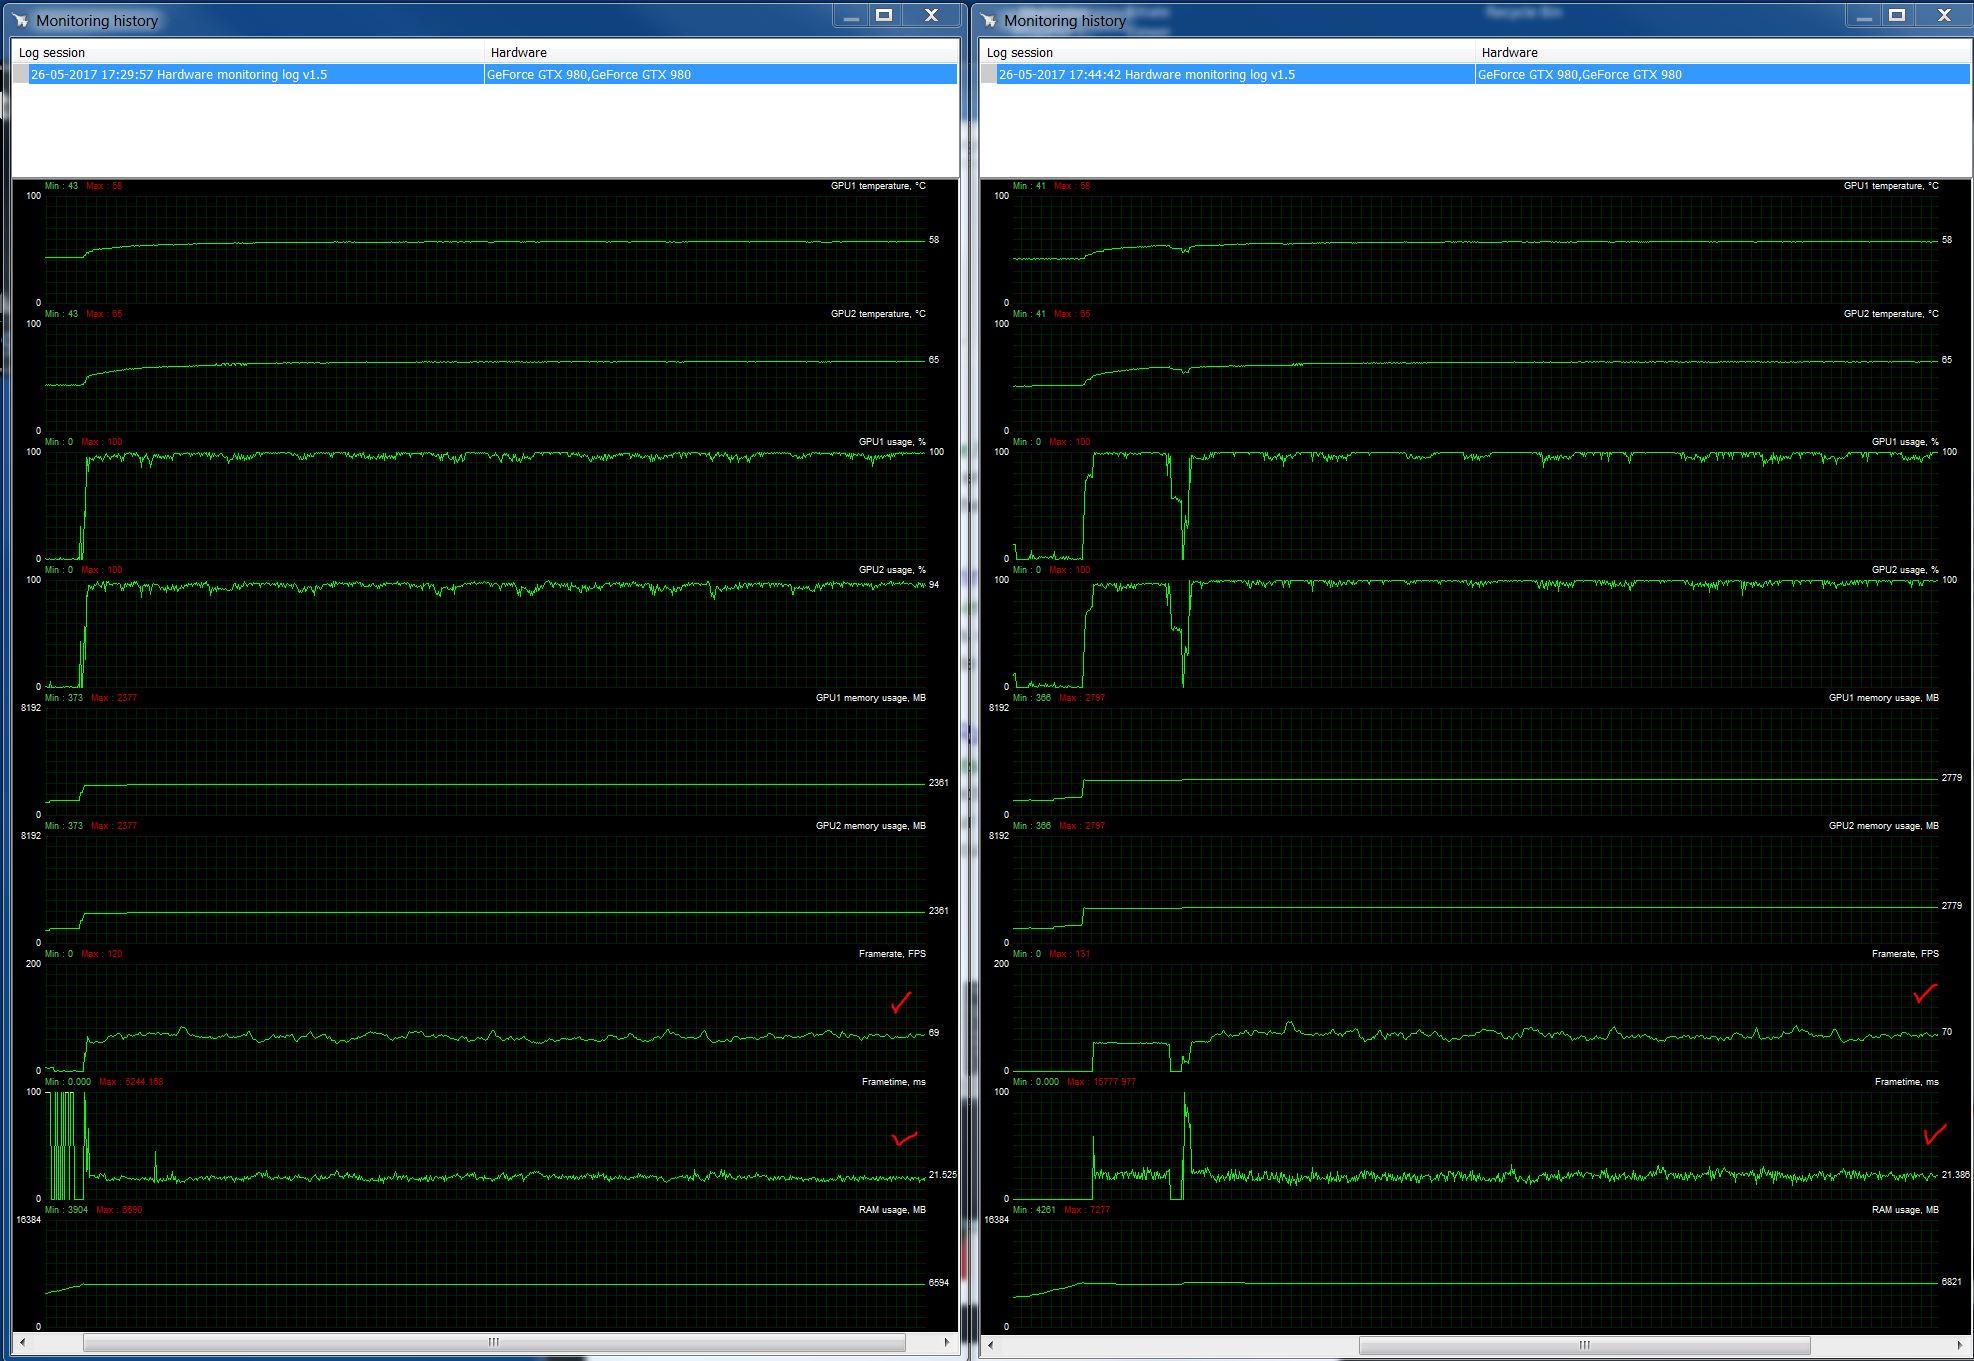 dx9 with latest dx11 - GTX980 2 way sli.JPG